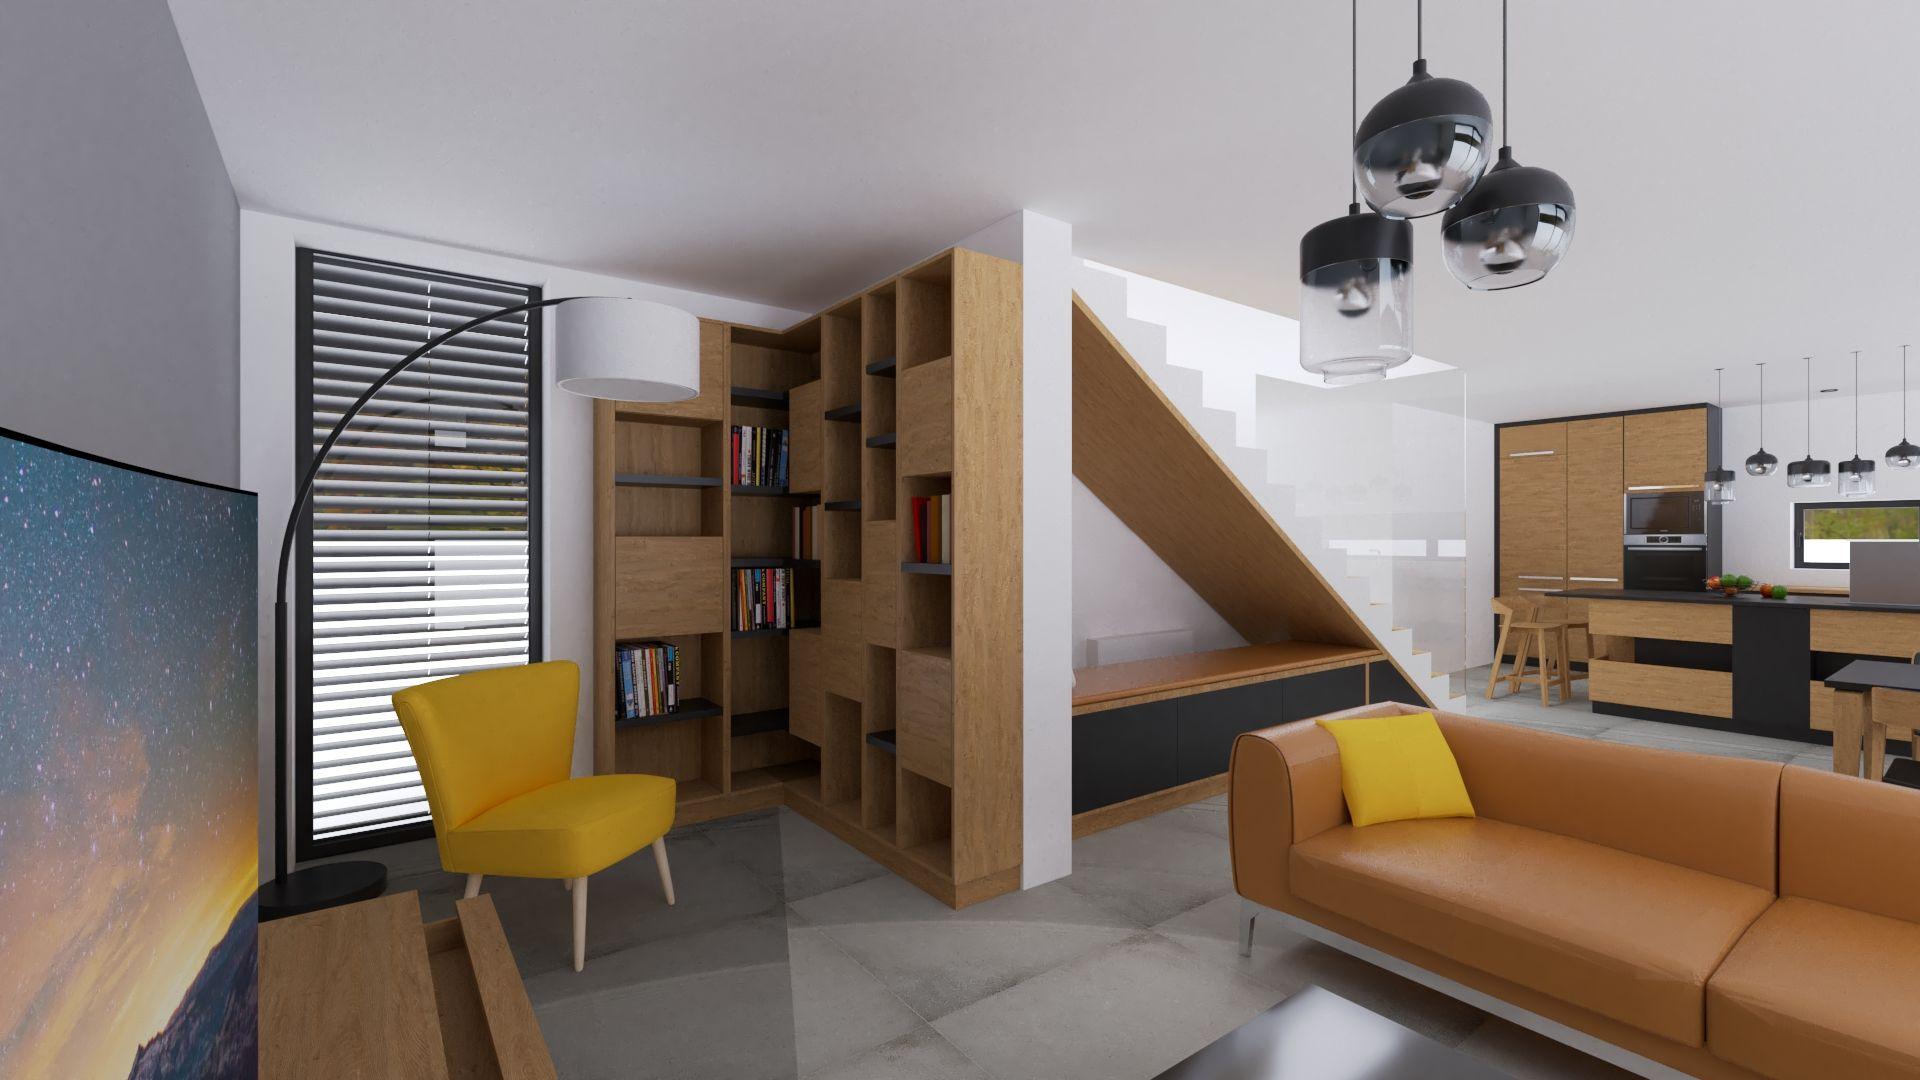 a776fb289c45 Návrh interiéru - Poradenstvo a 3D vizualizácia